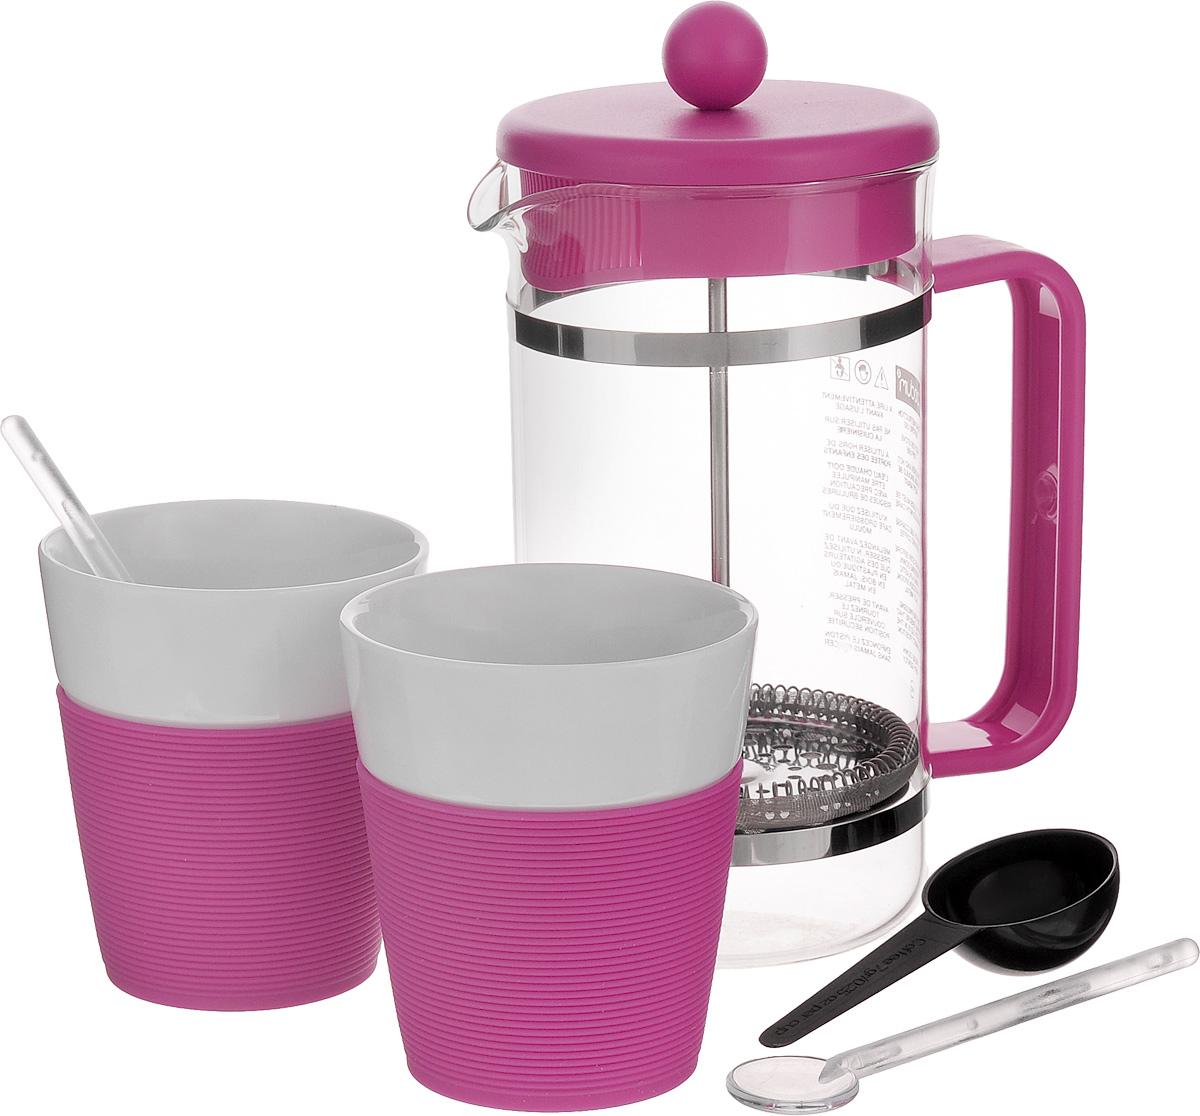 Набор кофейный Bodum Bistro, цвет: розовый, белый, 5 предметов. AK1508-XY-Y15AK1508-XY-Y15_розовыйКофейный набор Bodum Bistro состоит из чайника френч-пресса, 2 стаканов и 2 ложек. Френч-пресс выполнен из высококачественного жаропрочного стекла, нержавеющей стали и пластика. Френч-пресс - это заварочный чайник, который поможет быстро приготовить вкусный и ароматный чай или кофе. Металлический нержавеющий фильтр задерживает чайные листочки и частички зерен кофе. Засыпая чайную заварку или кофе под фильтр, заливая горячей водой, вы получаете ароматный напиток с оптимальной крепостью и насыщенностью. Остановить процесс заваривания легко, для этого нужно просто опустить поршень, и все уйдет вниз, оставляя сверху напиток, готовый к употреблению. Для френч-пресса предусмотрена специальная пластиковая ложечка. Элегантные стаканы выполнены из высококачественного фарфора и оснащены резиновой вставкой, защищающей ваши руки от высоких температур. В комплекте - 2 мерные ложечки, выполненные из пластика. Яркий и стильный набор украсит стол к...